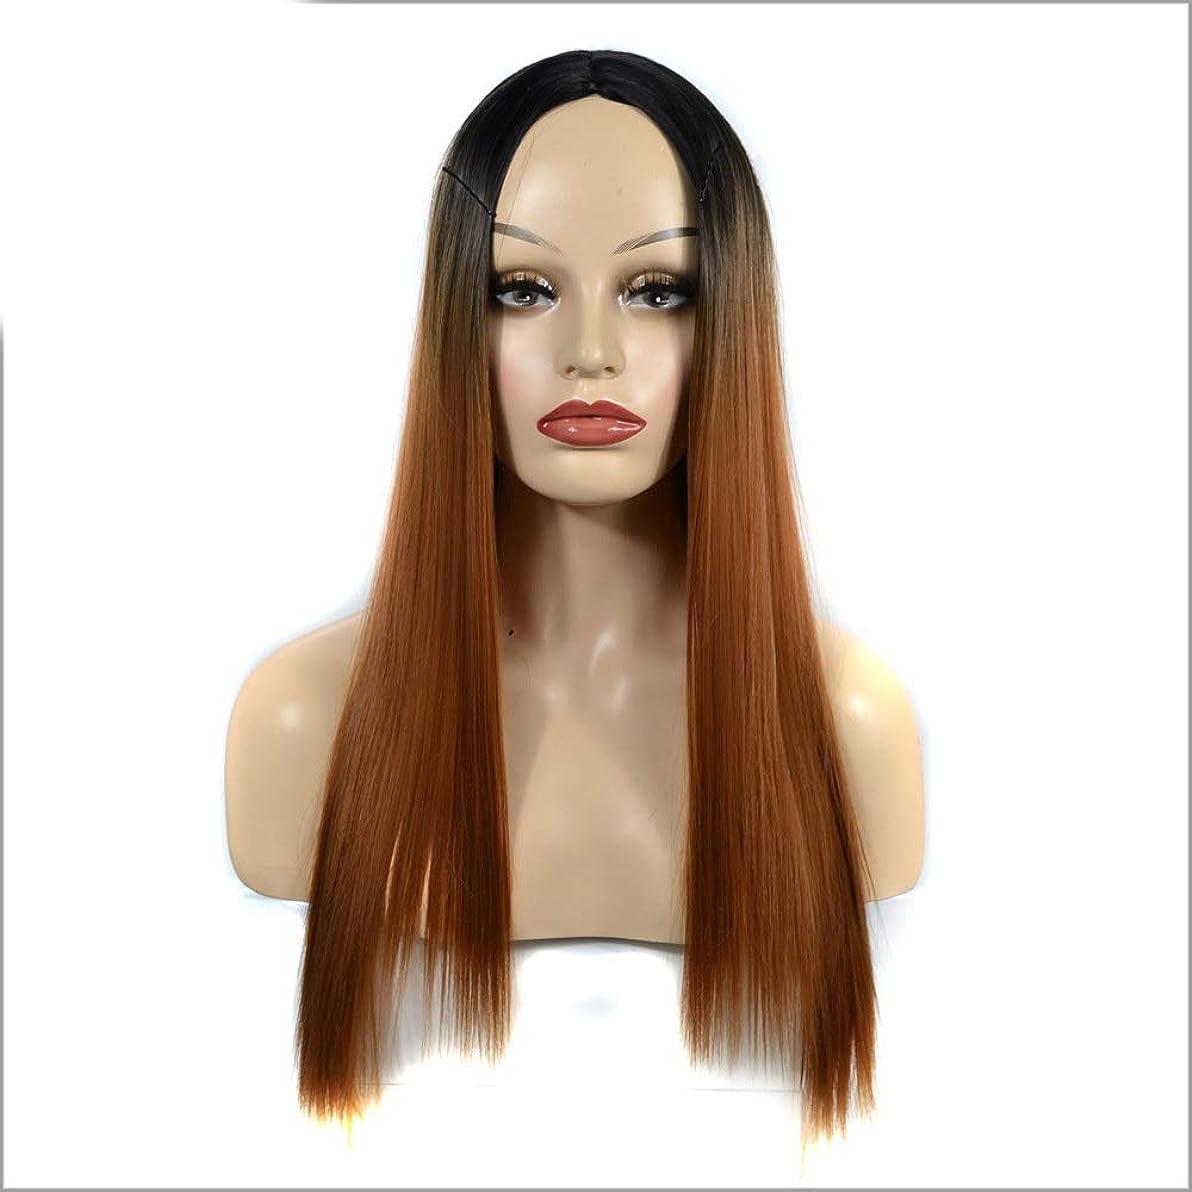 うるさい本物のポンプHOHYLLYA ダークブラウンオンブルロングストレートウィッグ女性用中部かつらダークルーツ耐熱ウィッグパーティーウィッグ (色 : Dark brown, サイズ : 60cm)